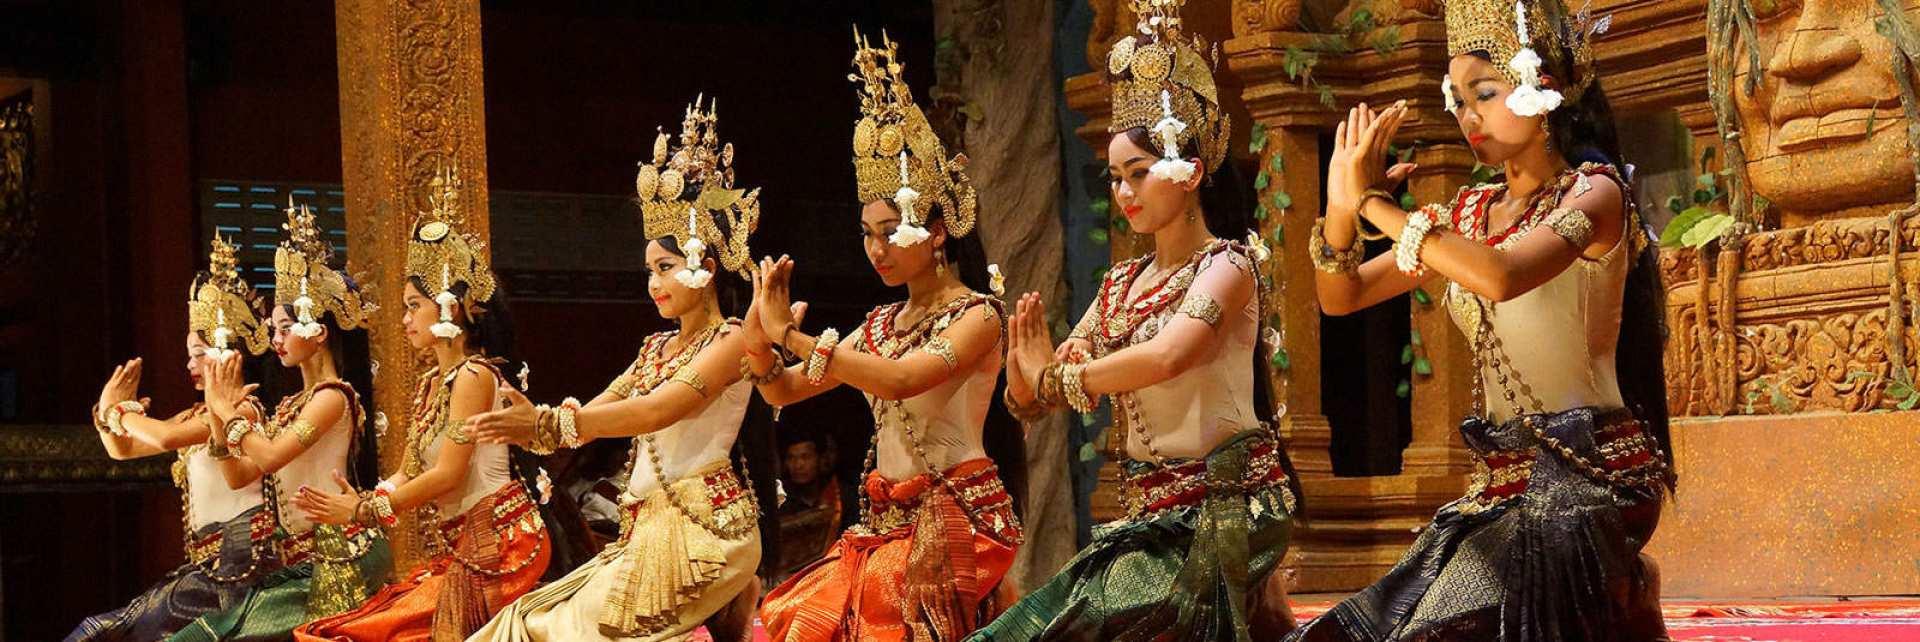 【精彩道地的柬式體驗】暹粒 Apsara 仙女舞蹈表演、自助式晚餐